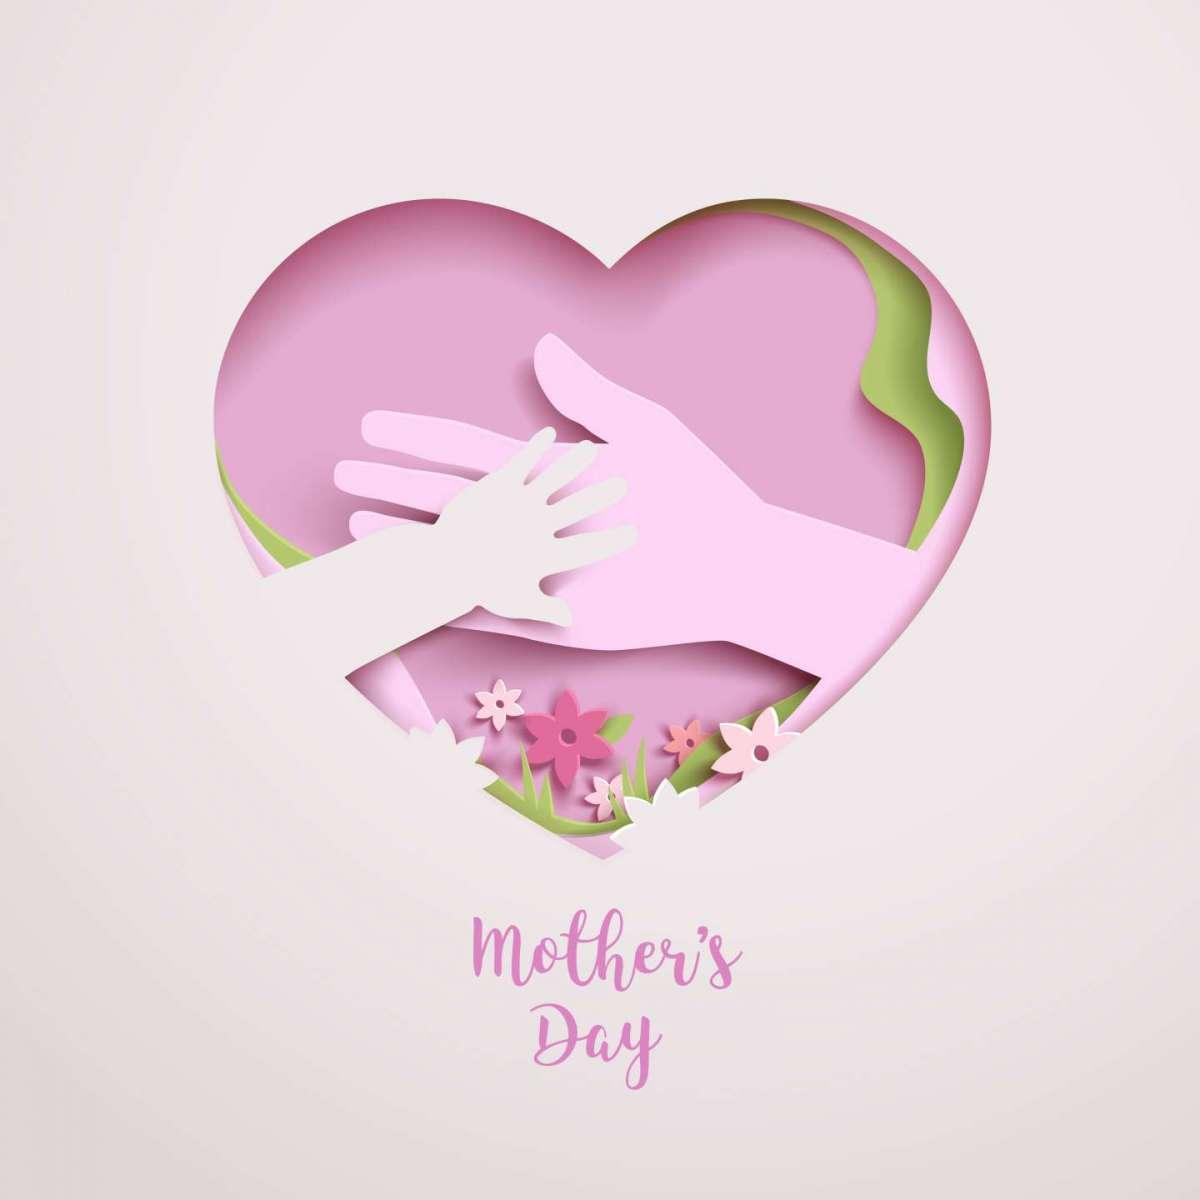 Festa della mamma: immagini